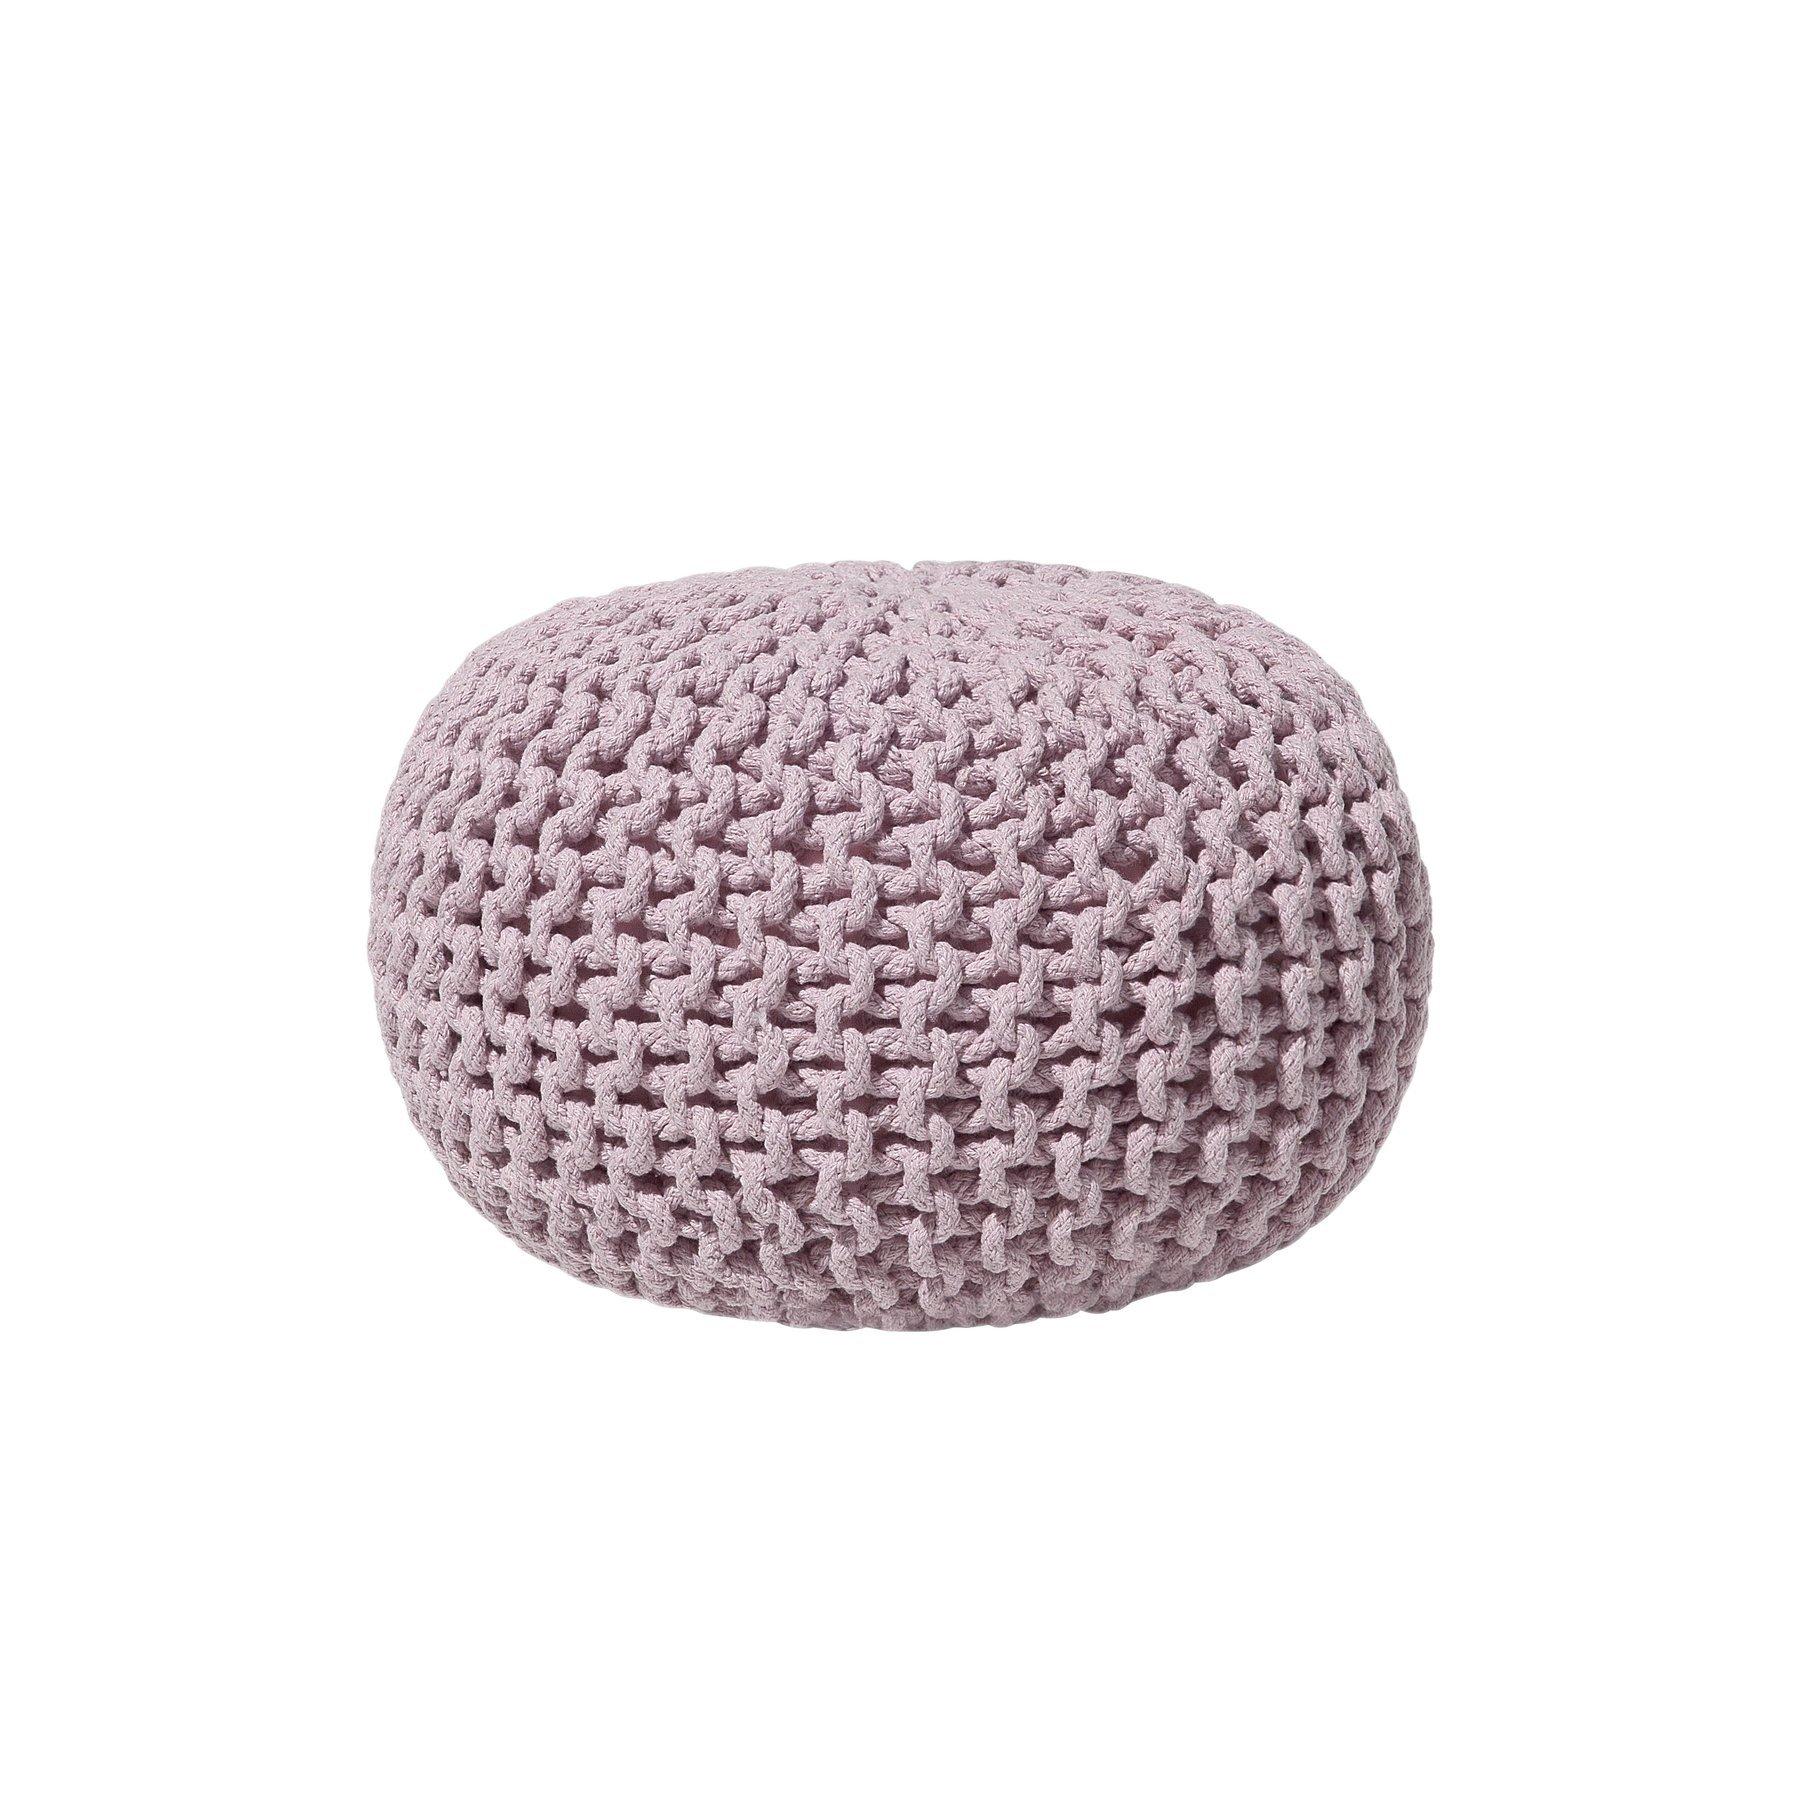 Beliani Modern Knitted Round Pouf Ottoman Soft Cotton Pink 16-inch Conrad